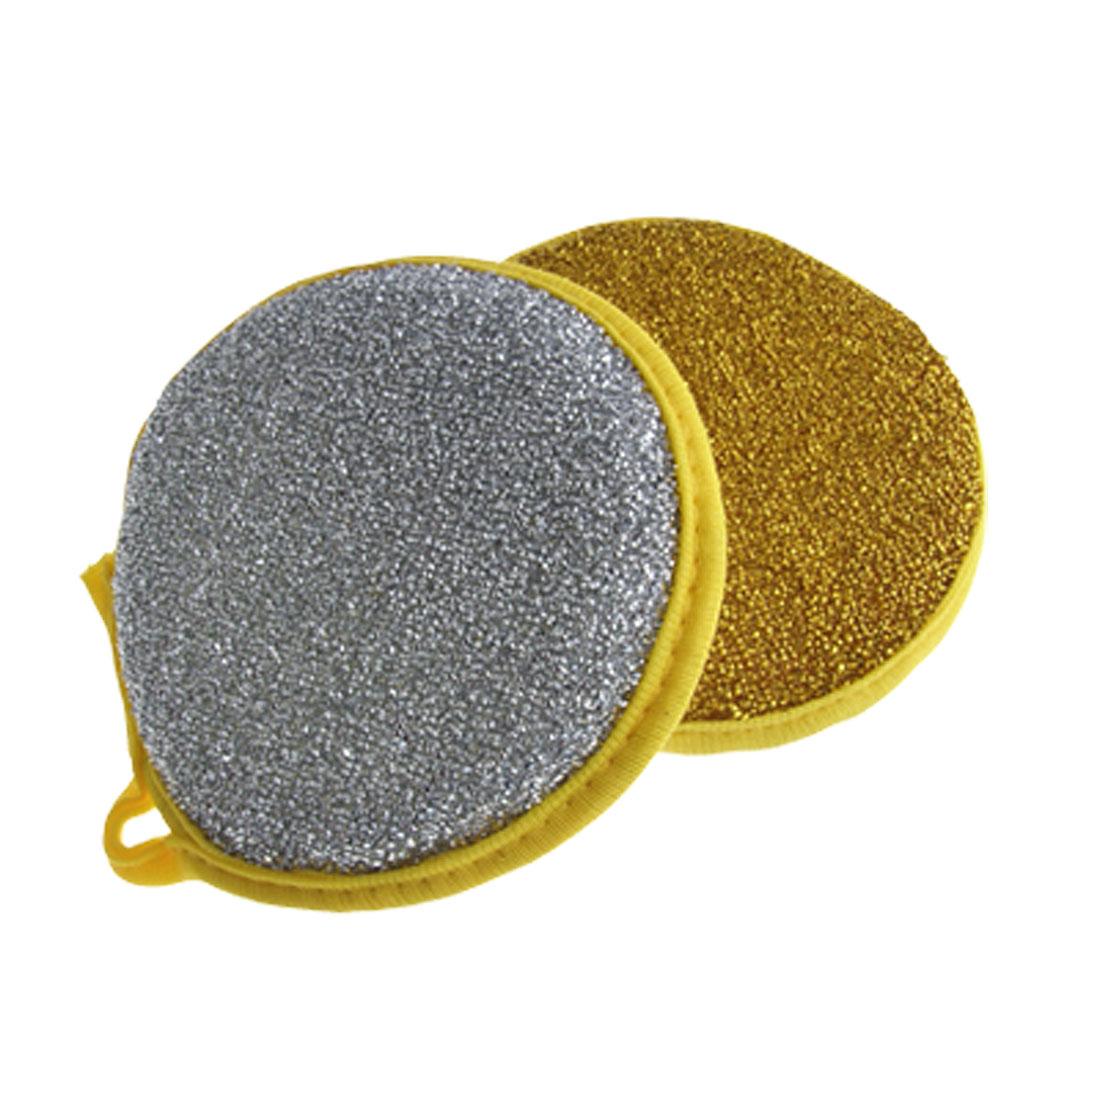 2Pcs Pad Metallic Scrub w Sponge Kitchen Dish Cleaning Pxzrb